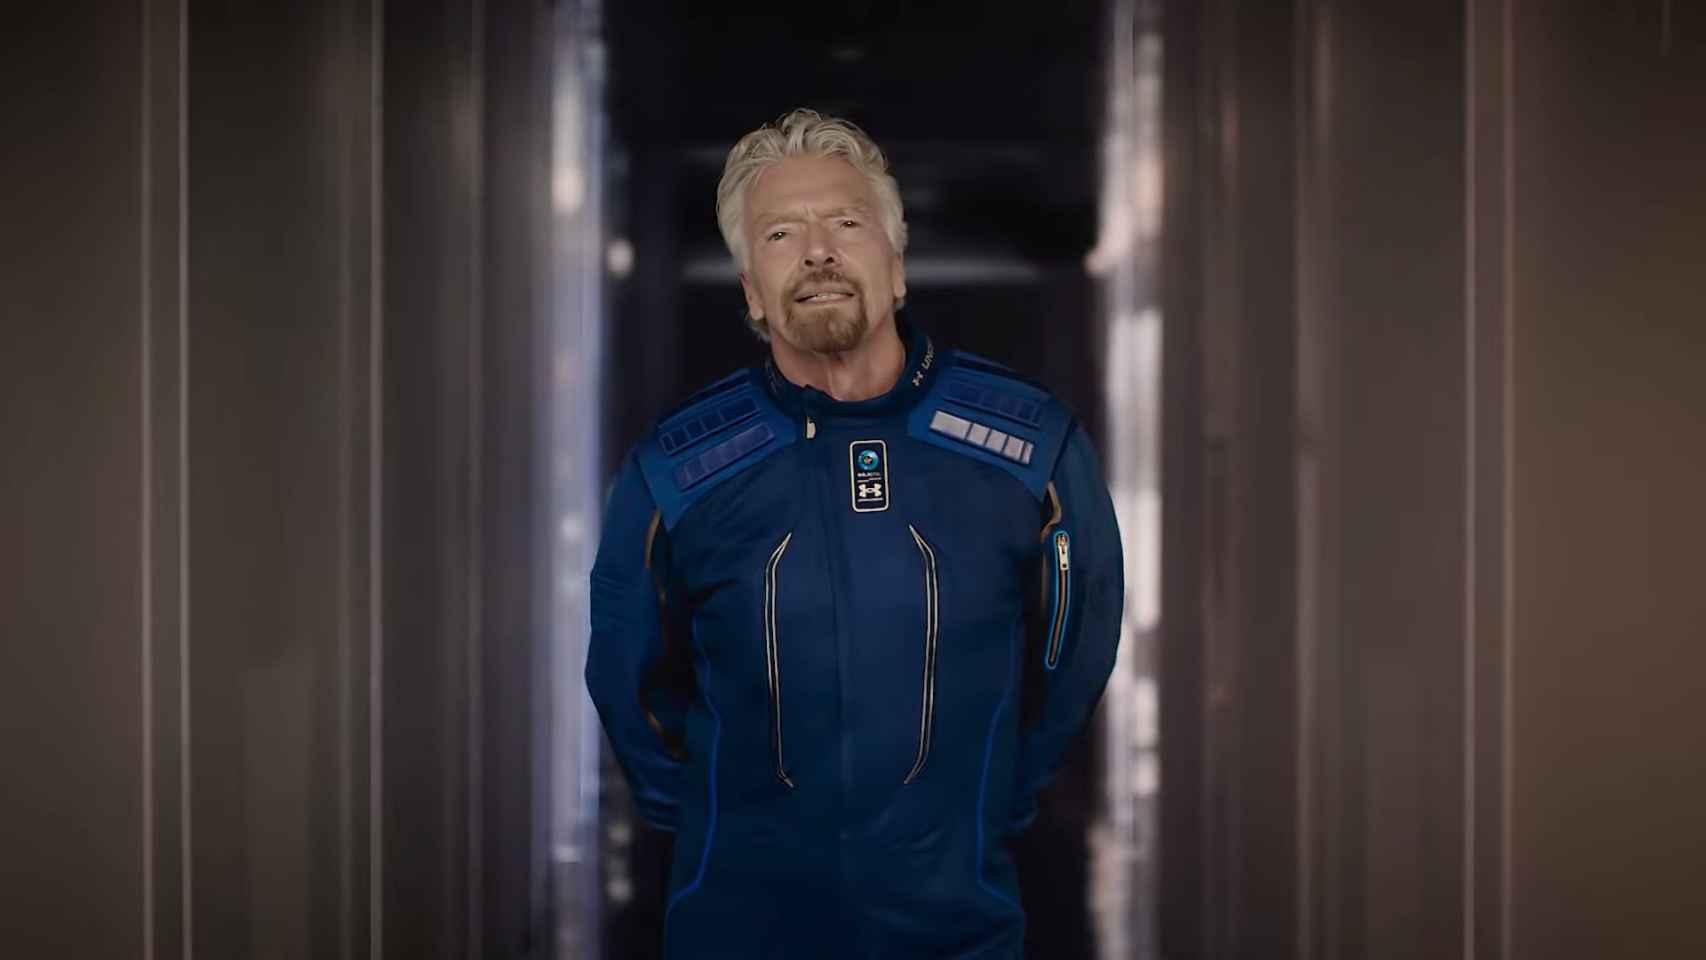 Richard Branson vestido de astronauta